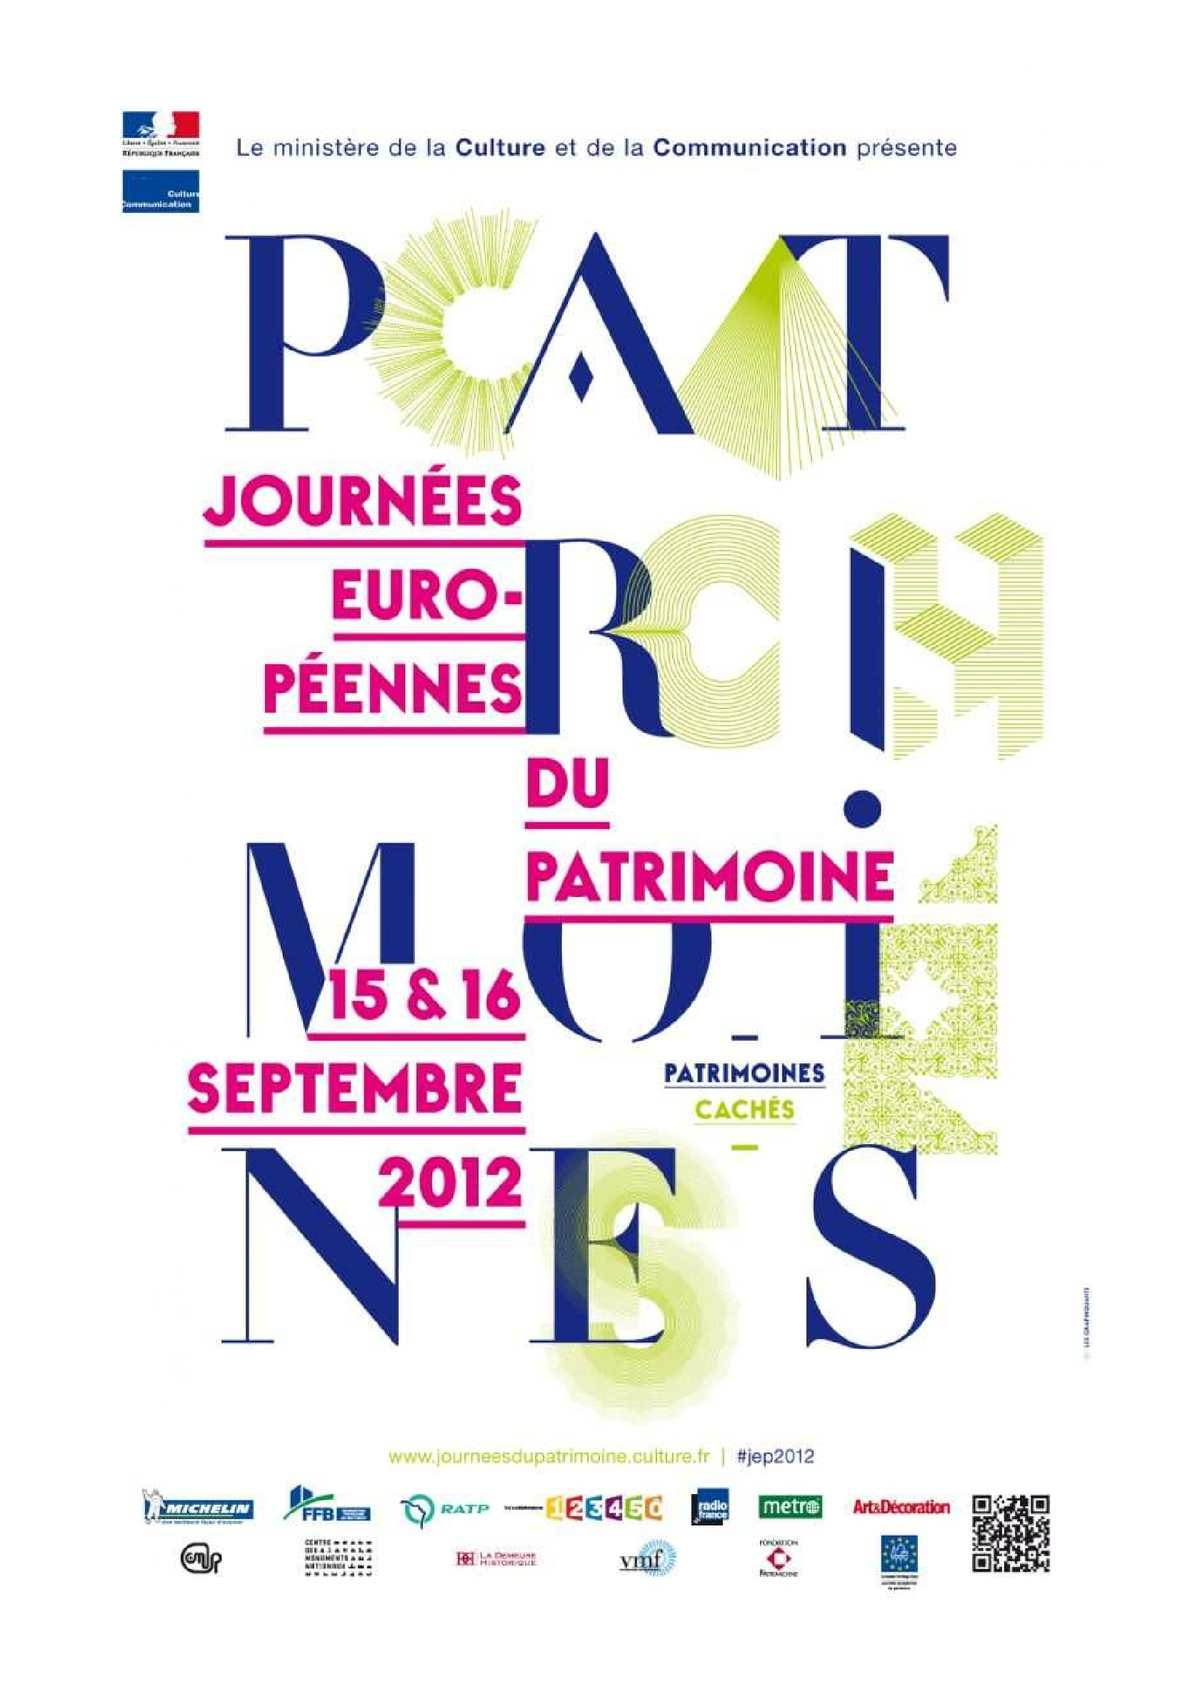 Calam o programme des journ es du patrimoine 2012 en - Office du tourisme meurthe et moselle ...